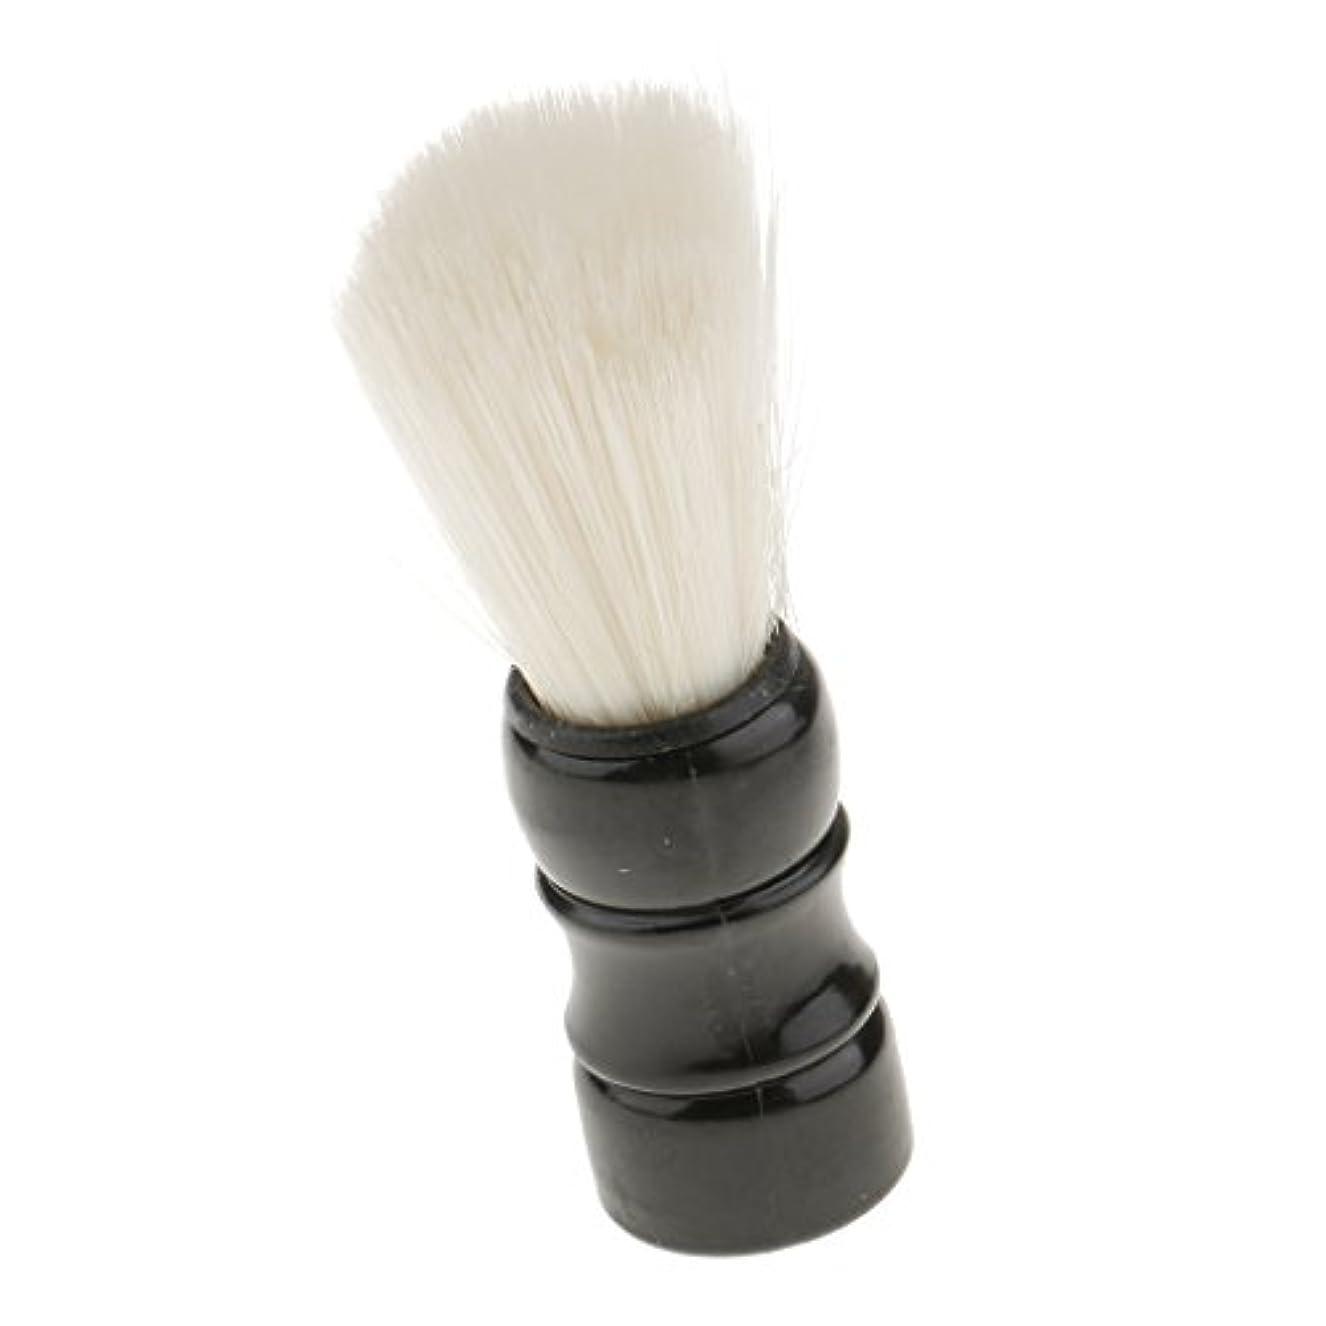 のホストケーブル疲れたSONONIA 男性に適用 プロ サロン 理髪 シェービングブラシ ひげ 口ひげ ブラシ 全2色 - ブラック, 9.5cm